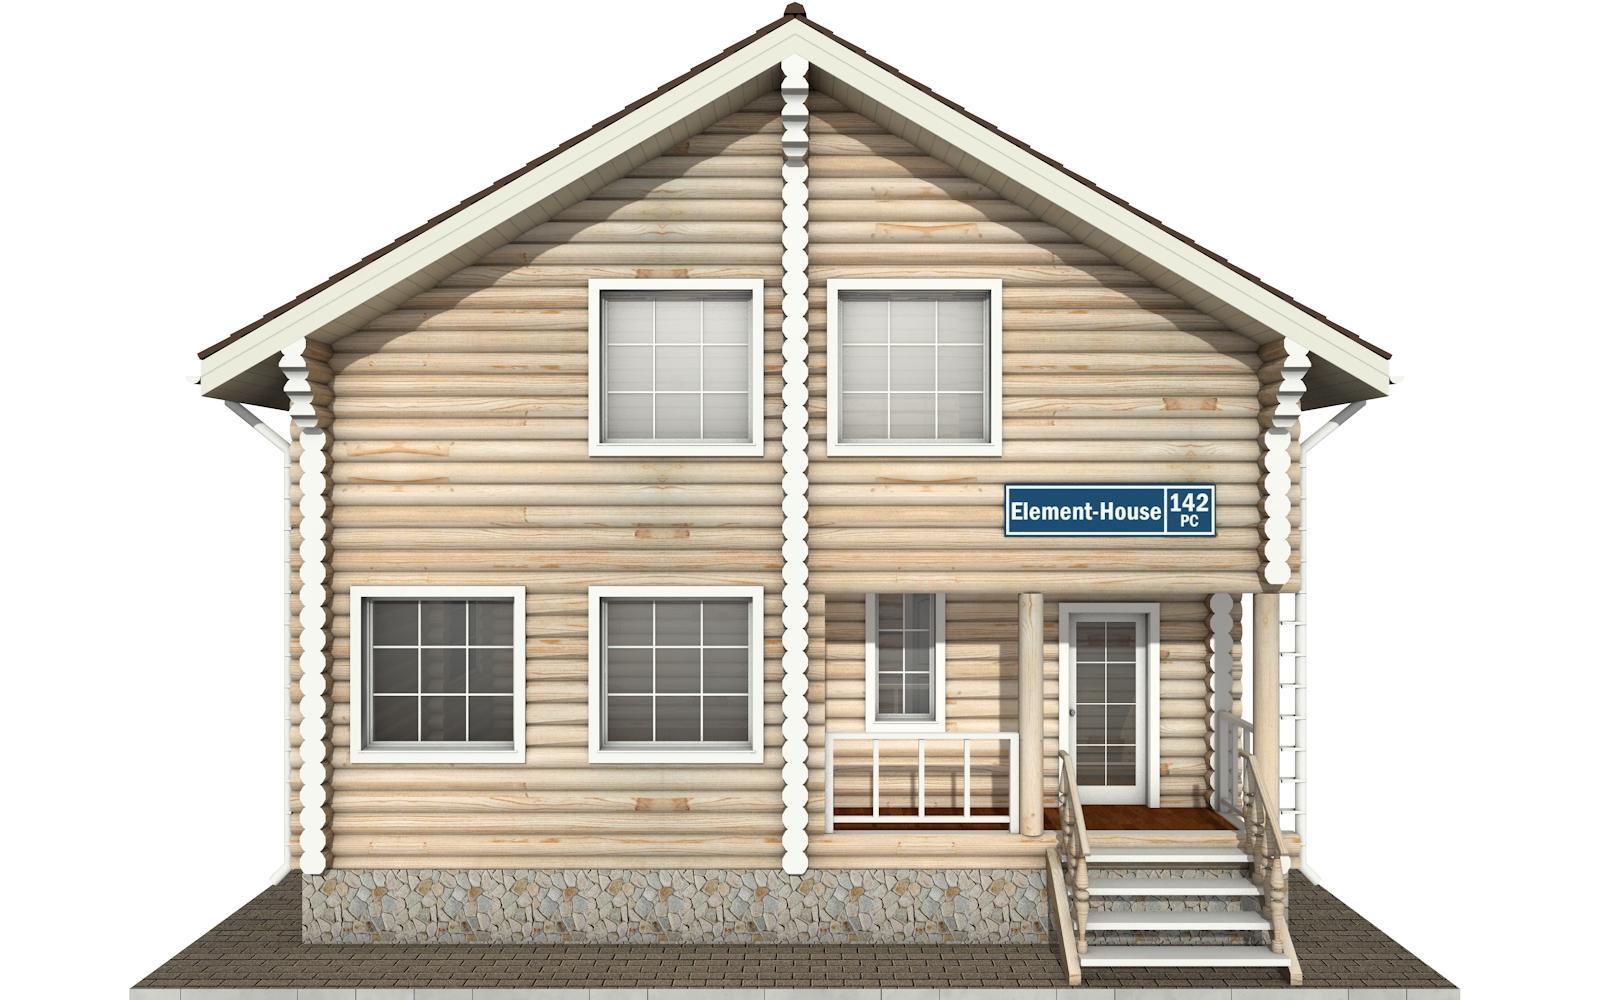 Фото #6: Красивый деревянный дом РС-142 из бревна